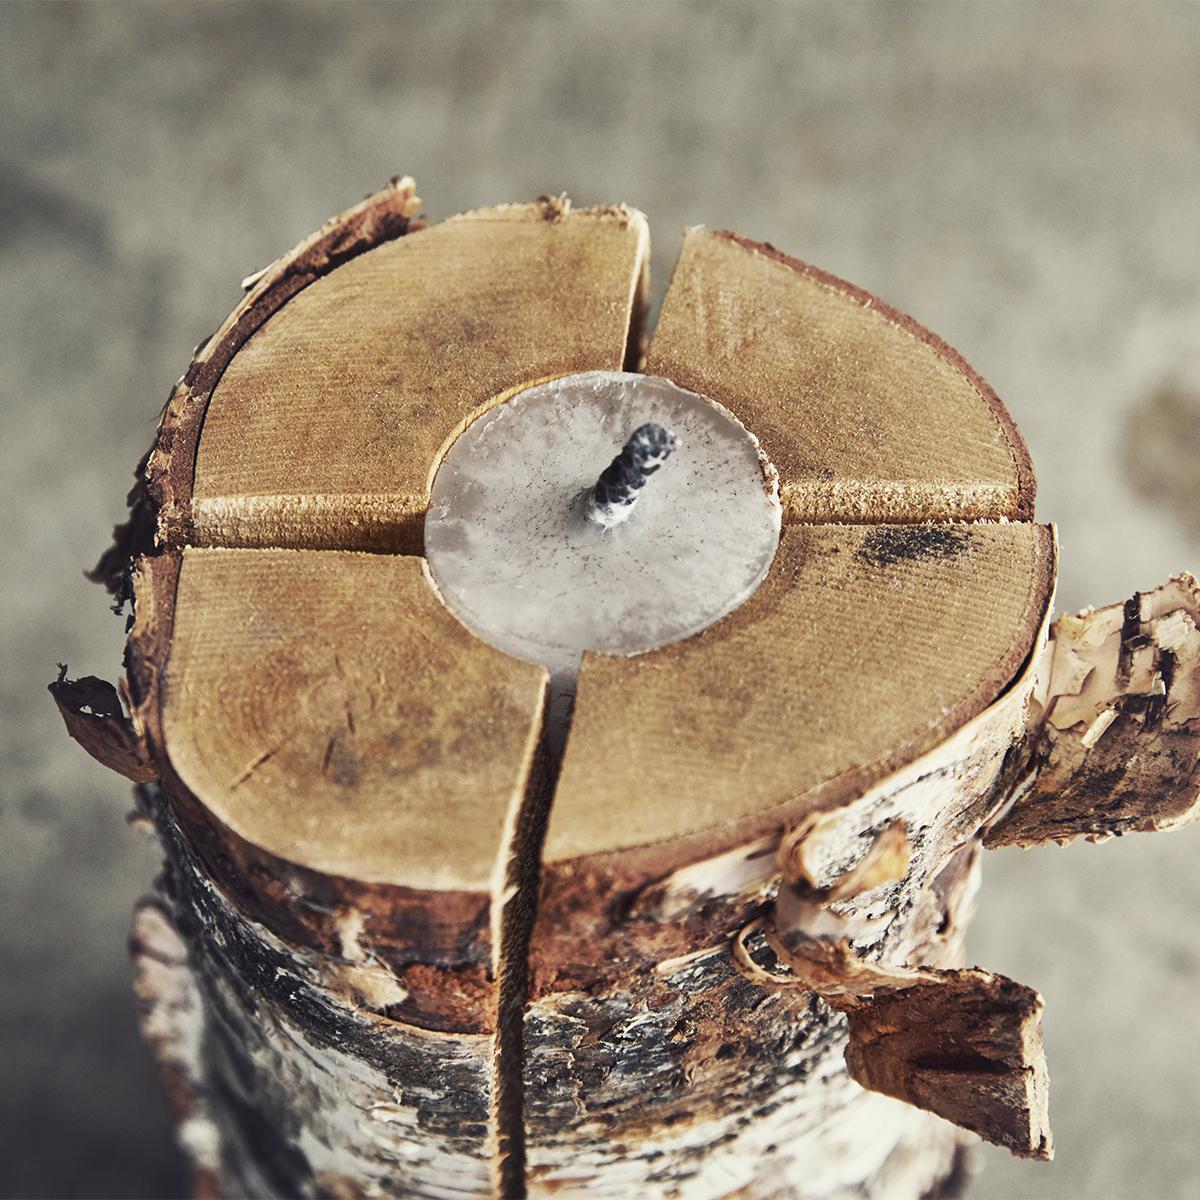 「スウェディッシュトーチ」の中央にキャンドルを仕込み、誰でもスムーズに点火できるようアレンジした白樺の丸太。キャンドル一体型で一発着火、肉も焼ける「スウェディッシュトーチ」|Swedish Birch Candle(スウェディッシュ バーチ キャンドル)